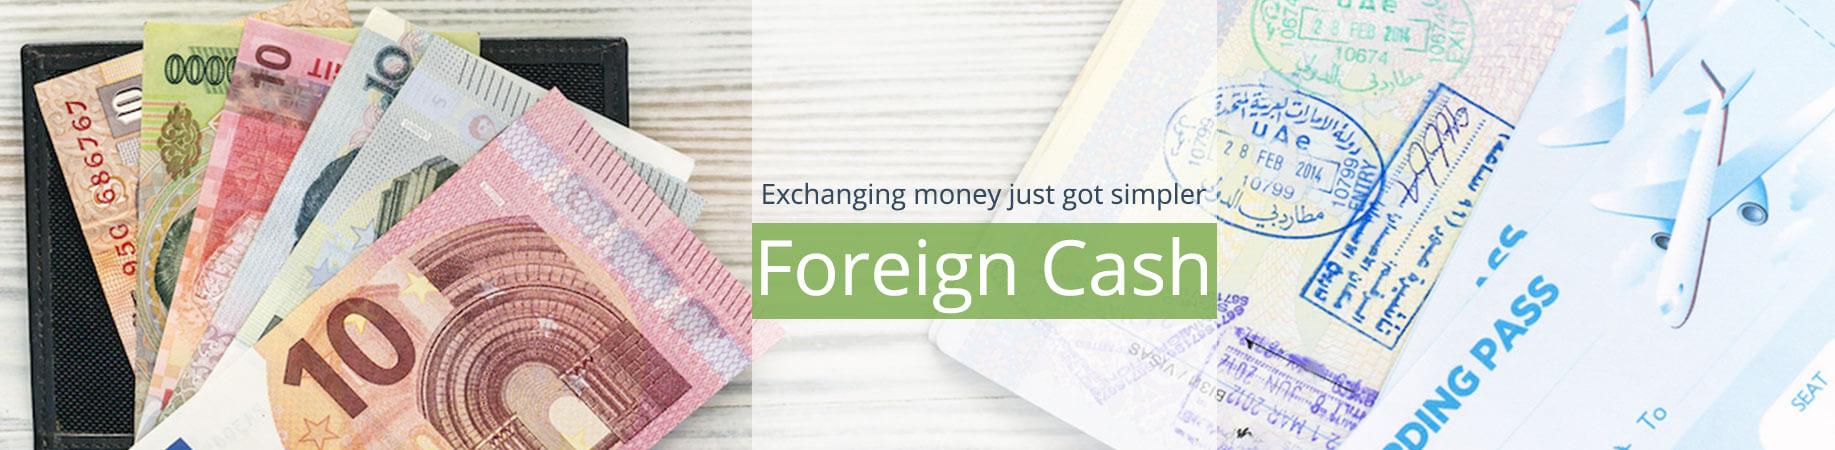 Foreign cash slider